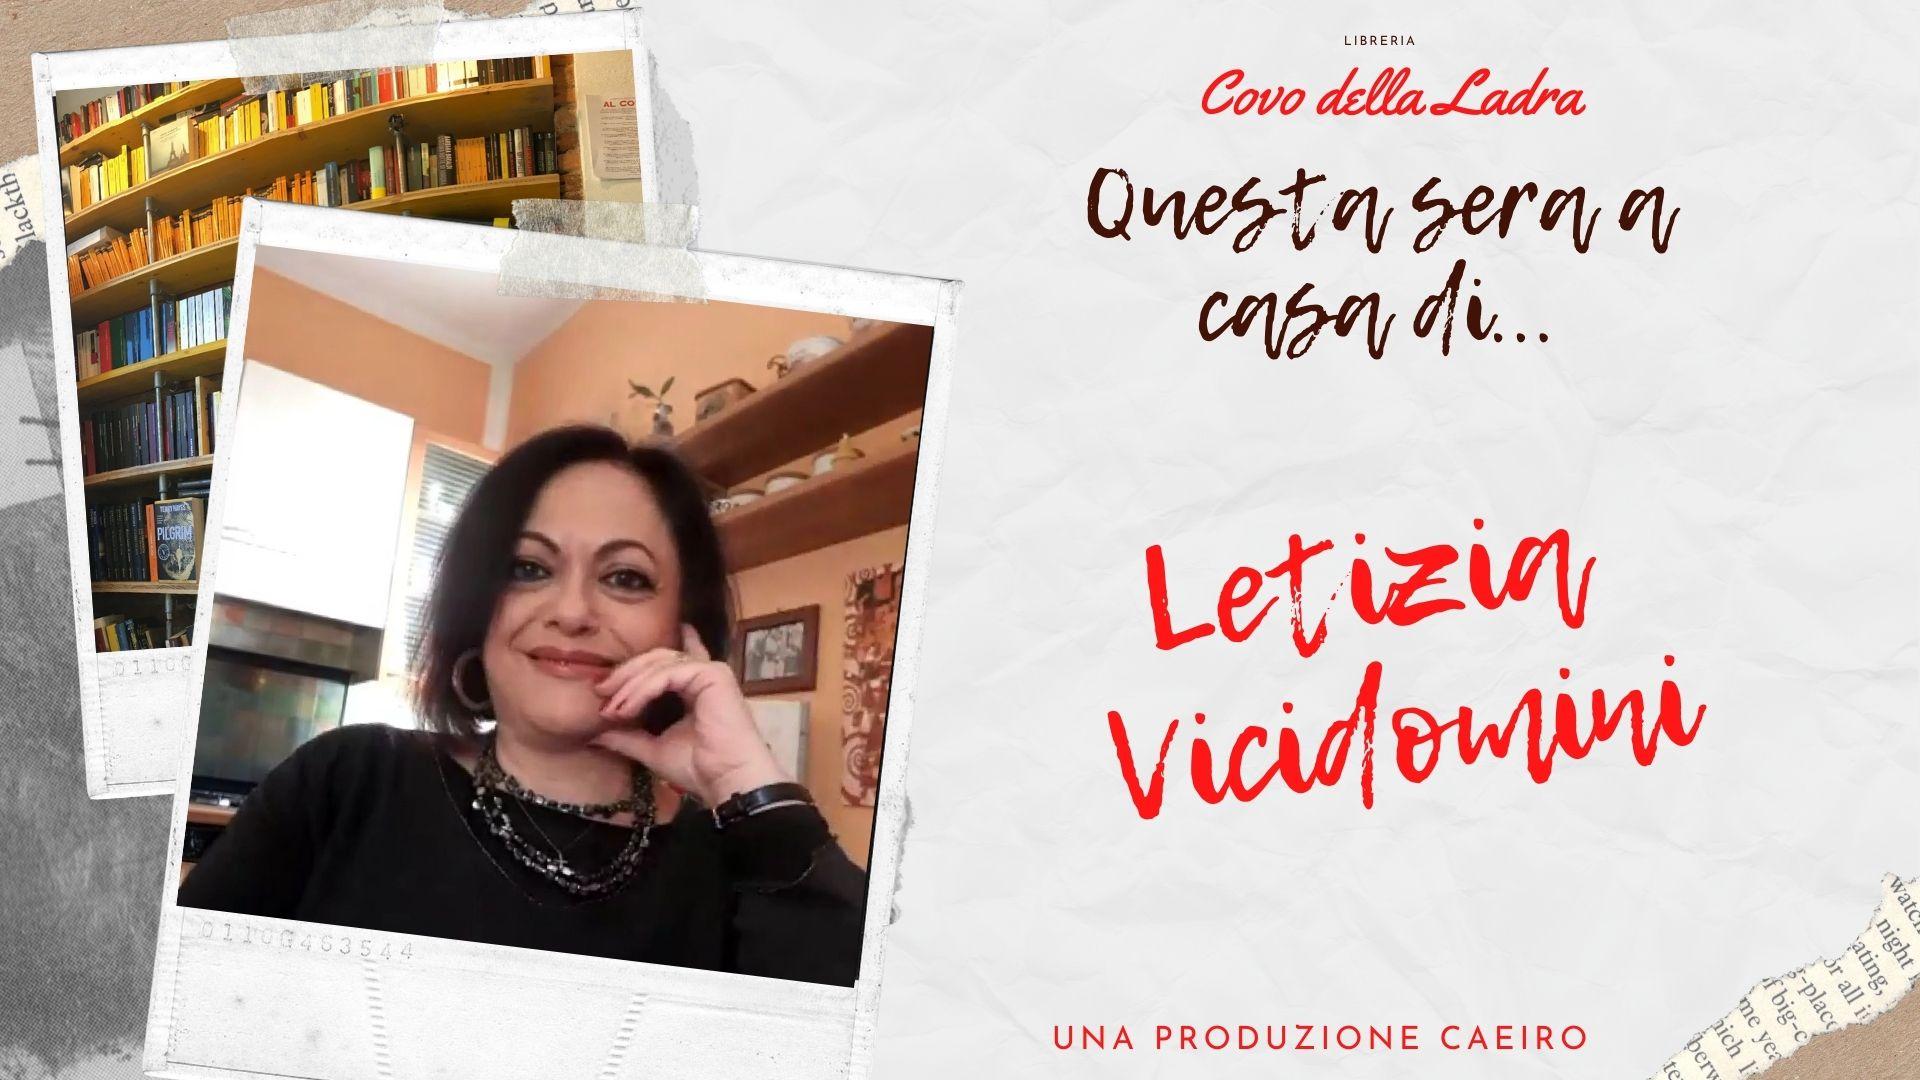 Questa sera a casa di Letizia Vicidomini